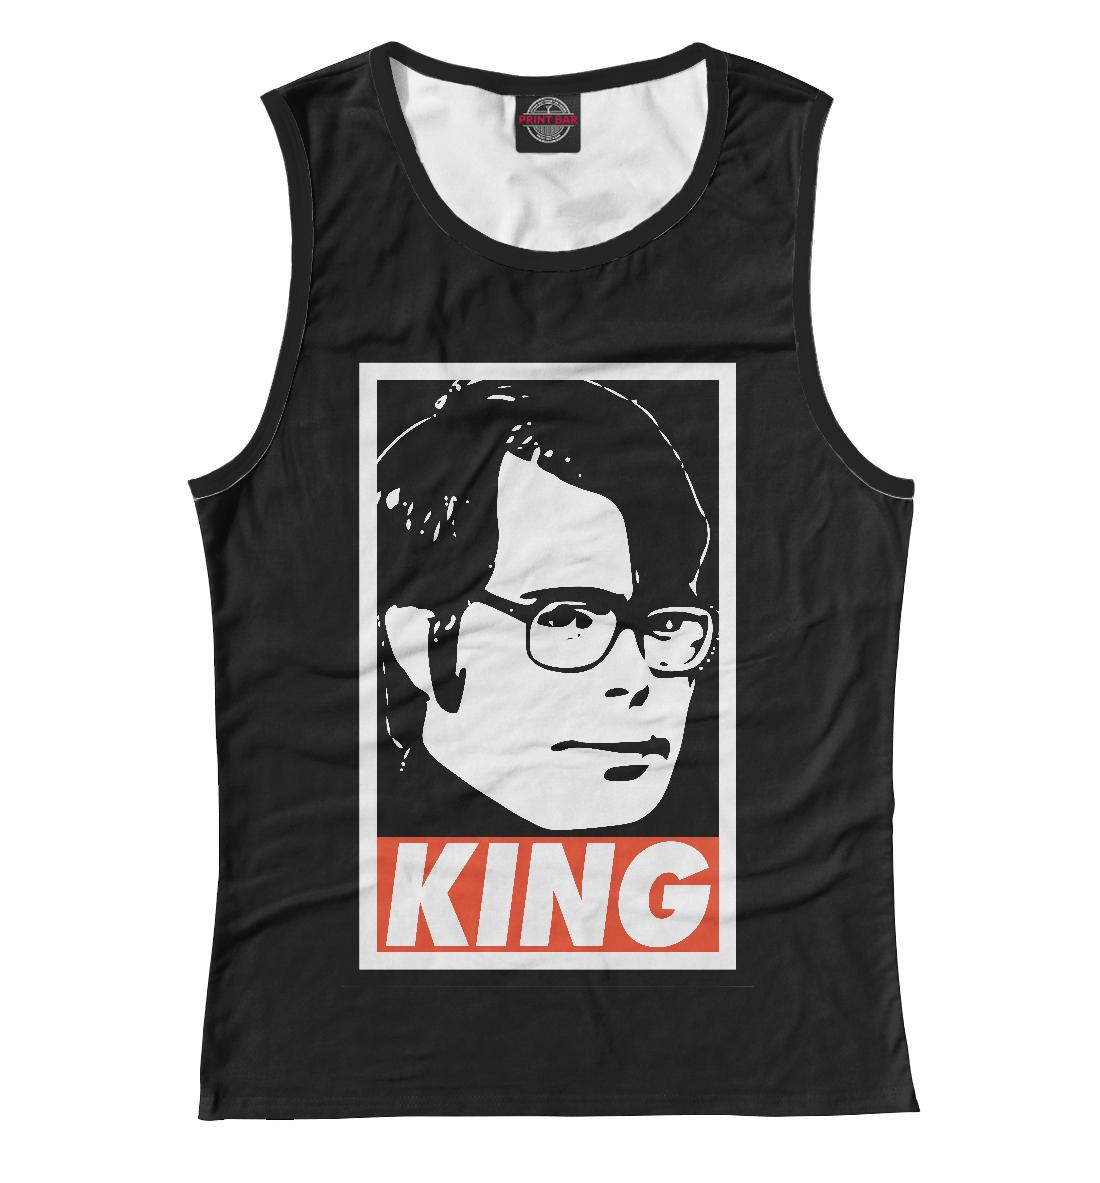 Купить Стивен Кинг, Printbar, Майки, ONO-746310-may-1